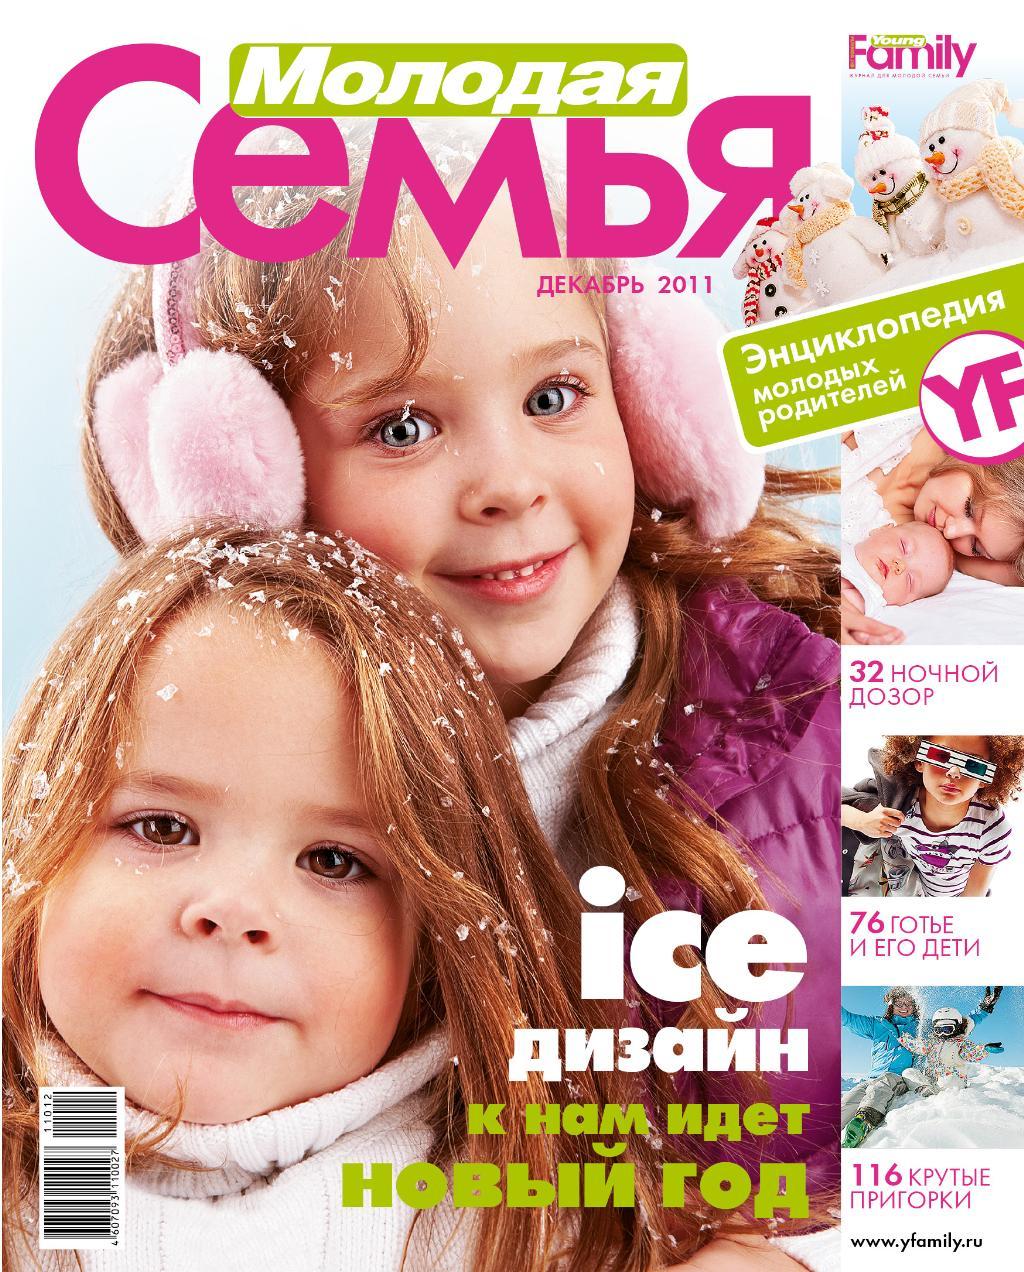 Журнал 'Молодая семья'. Конкурс 'Лучшая новогодняя обложка 2012'